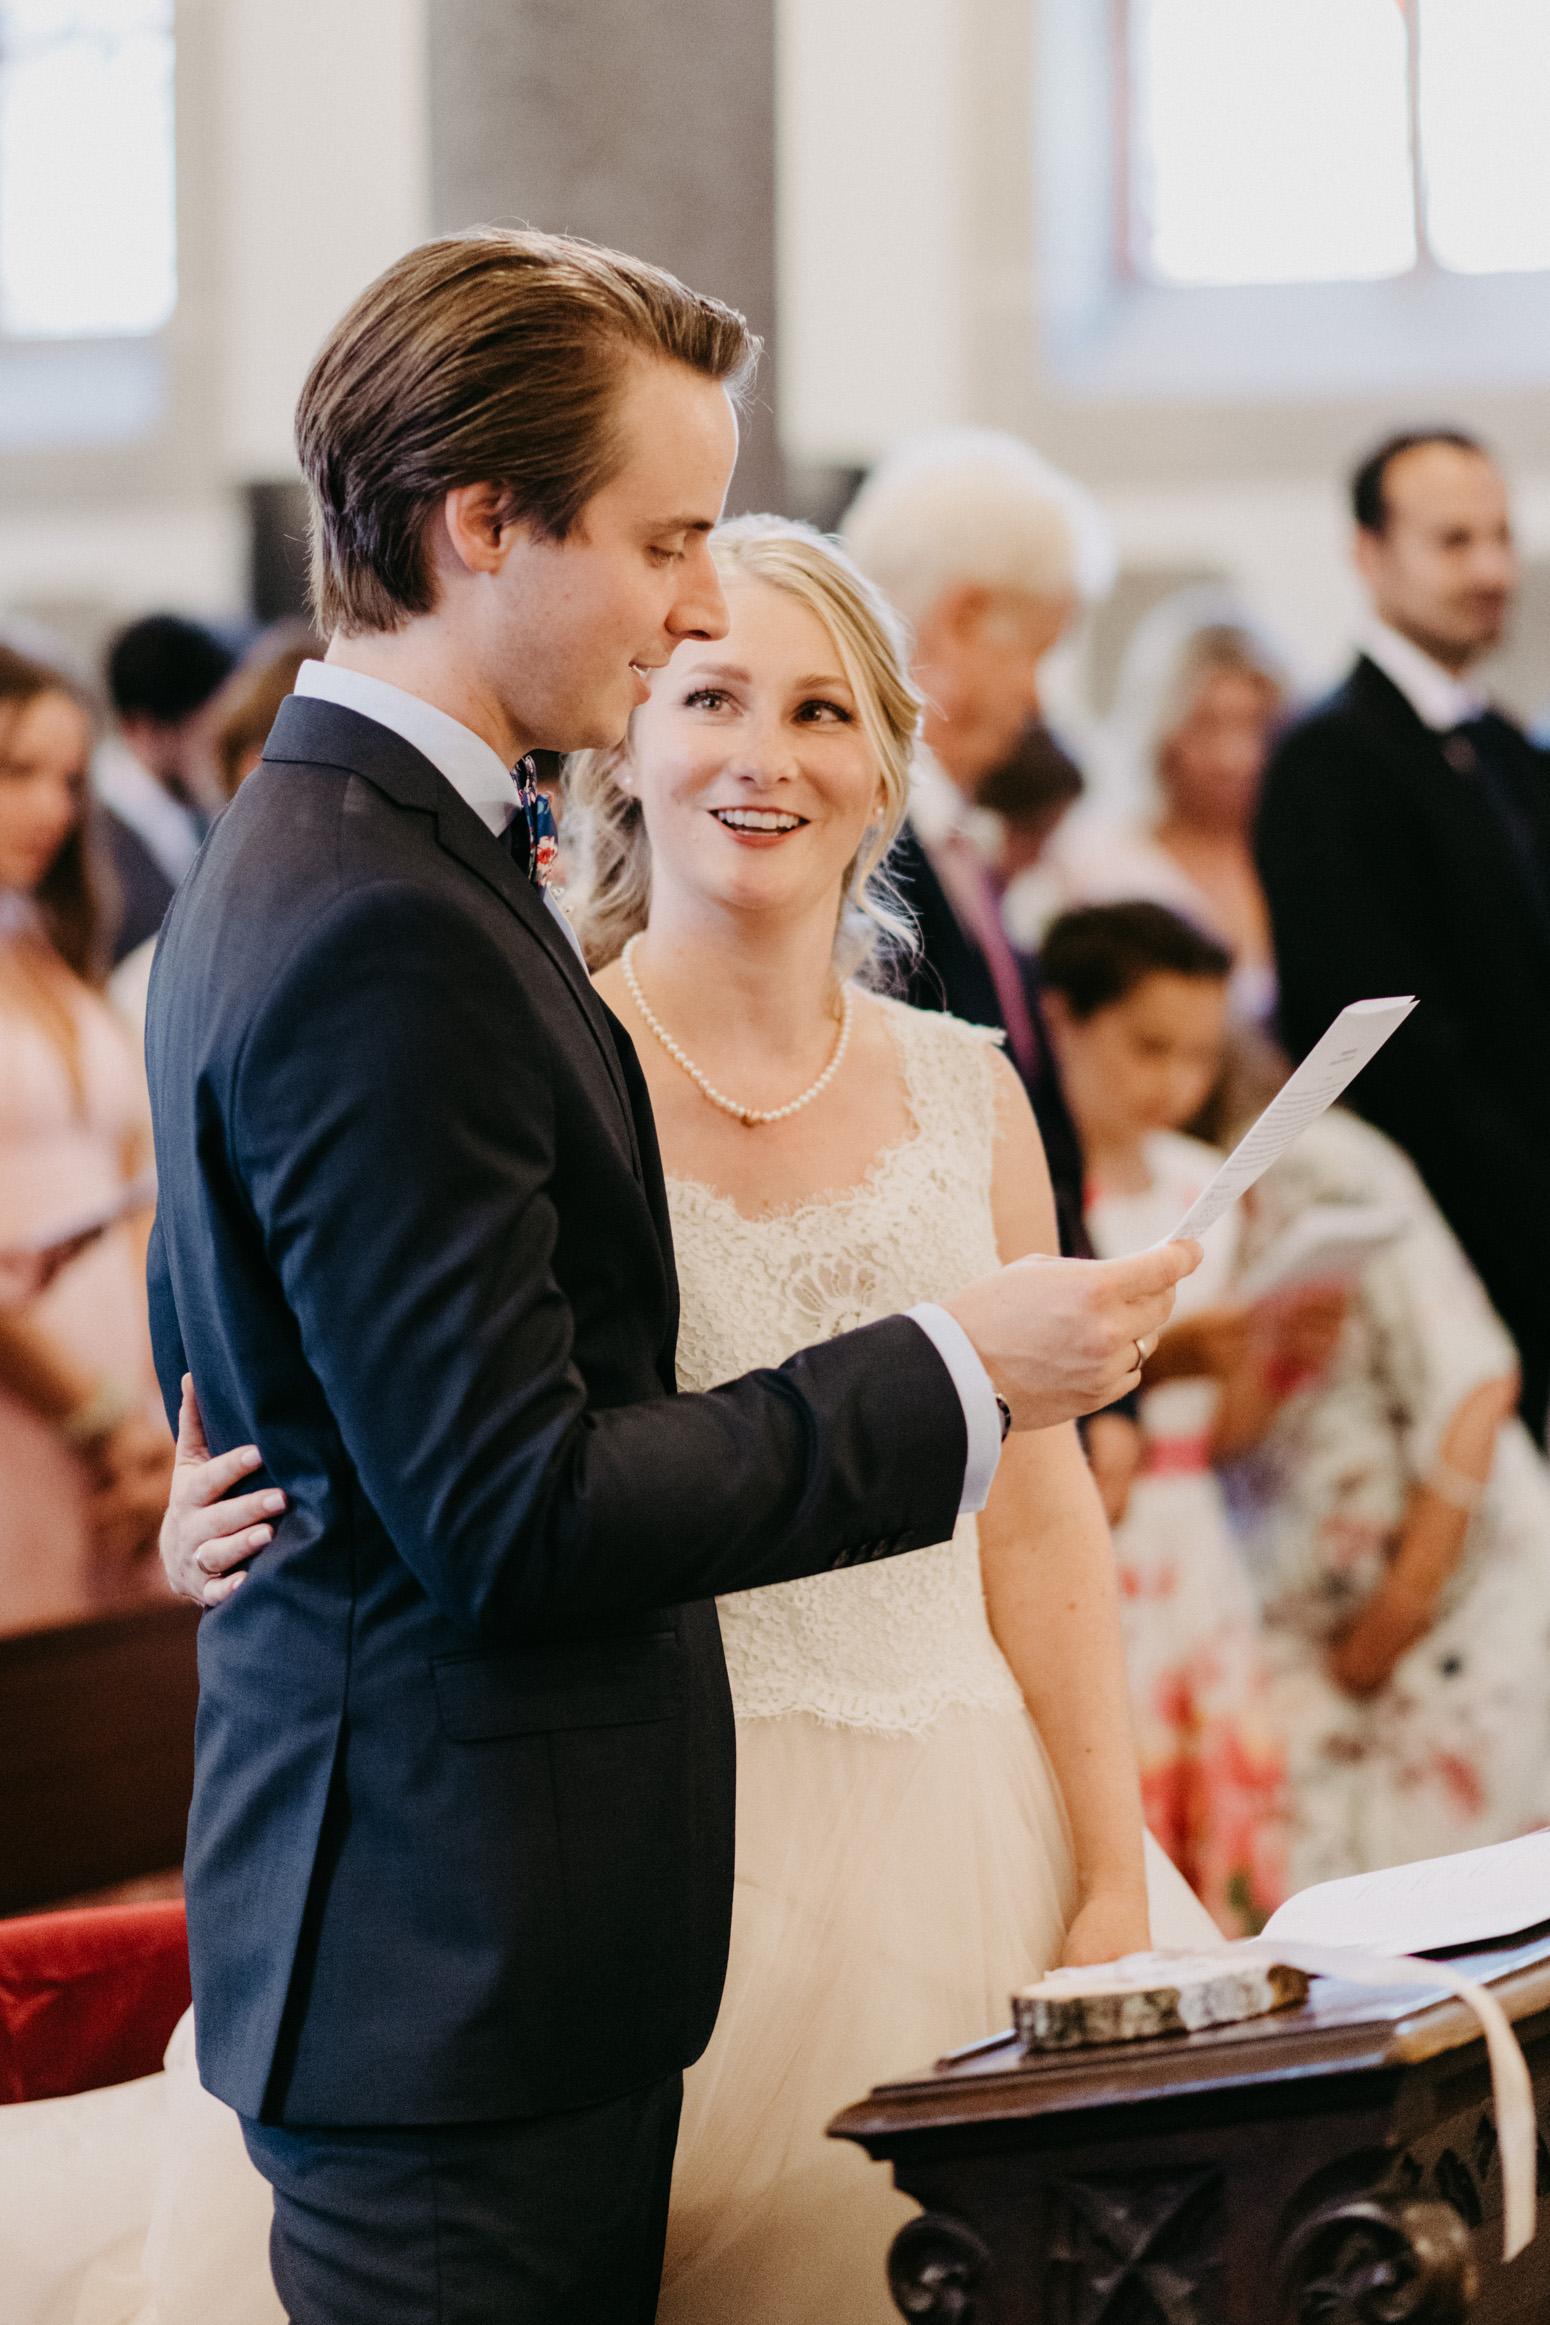 Der Bräutigam ließt das Eheversprechen